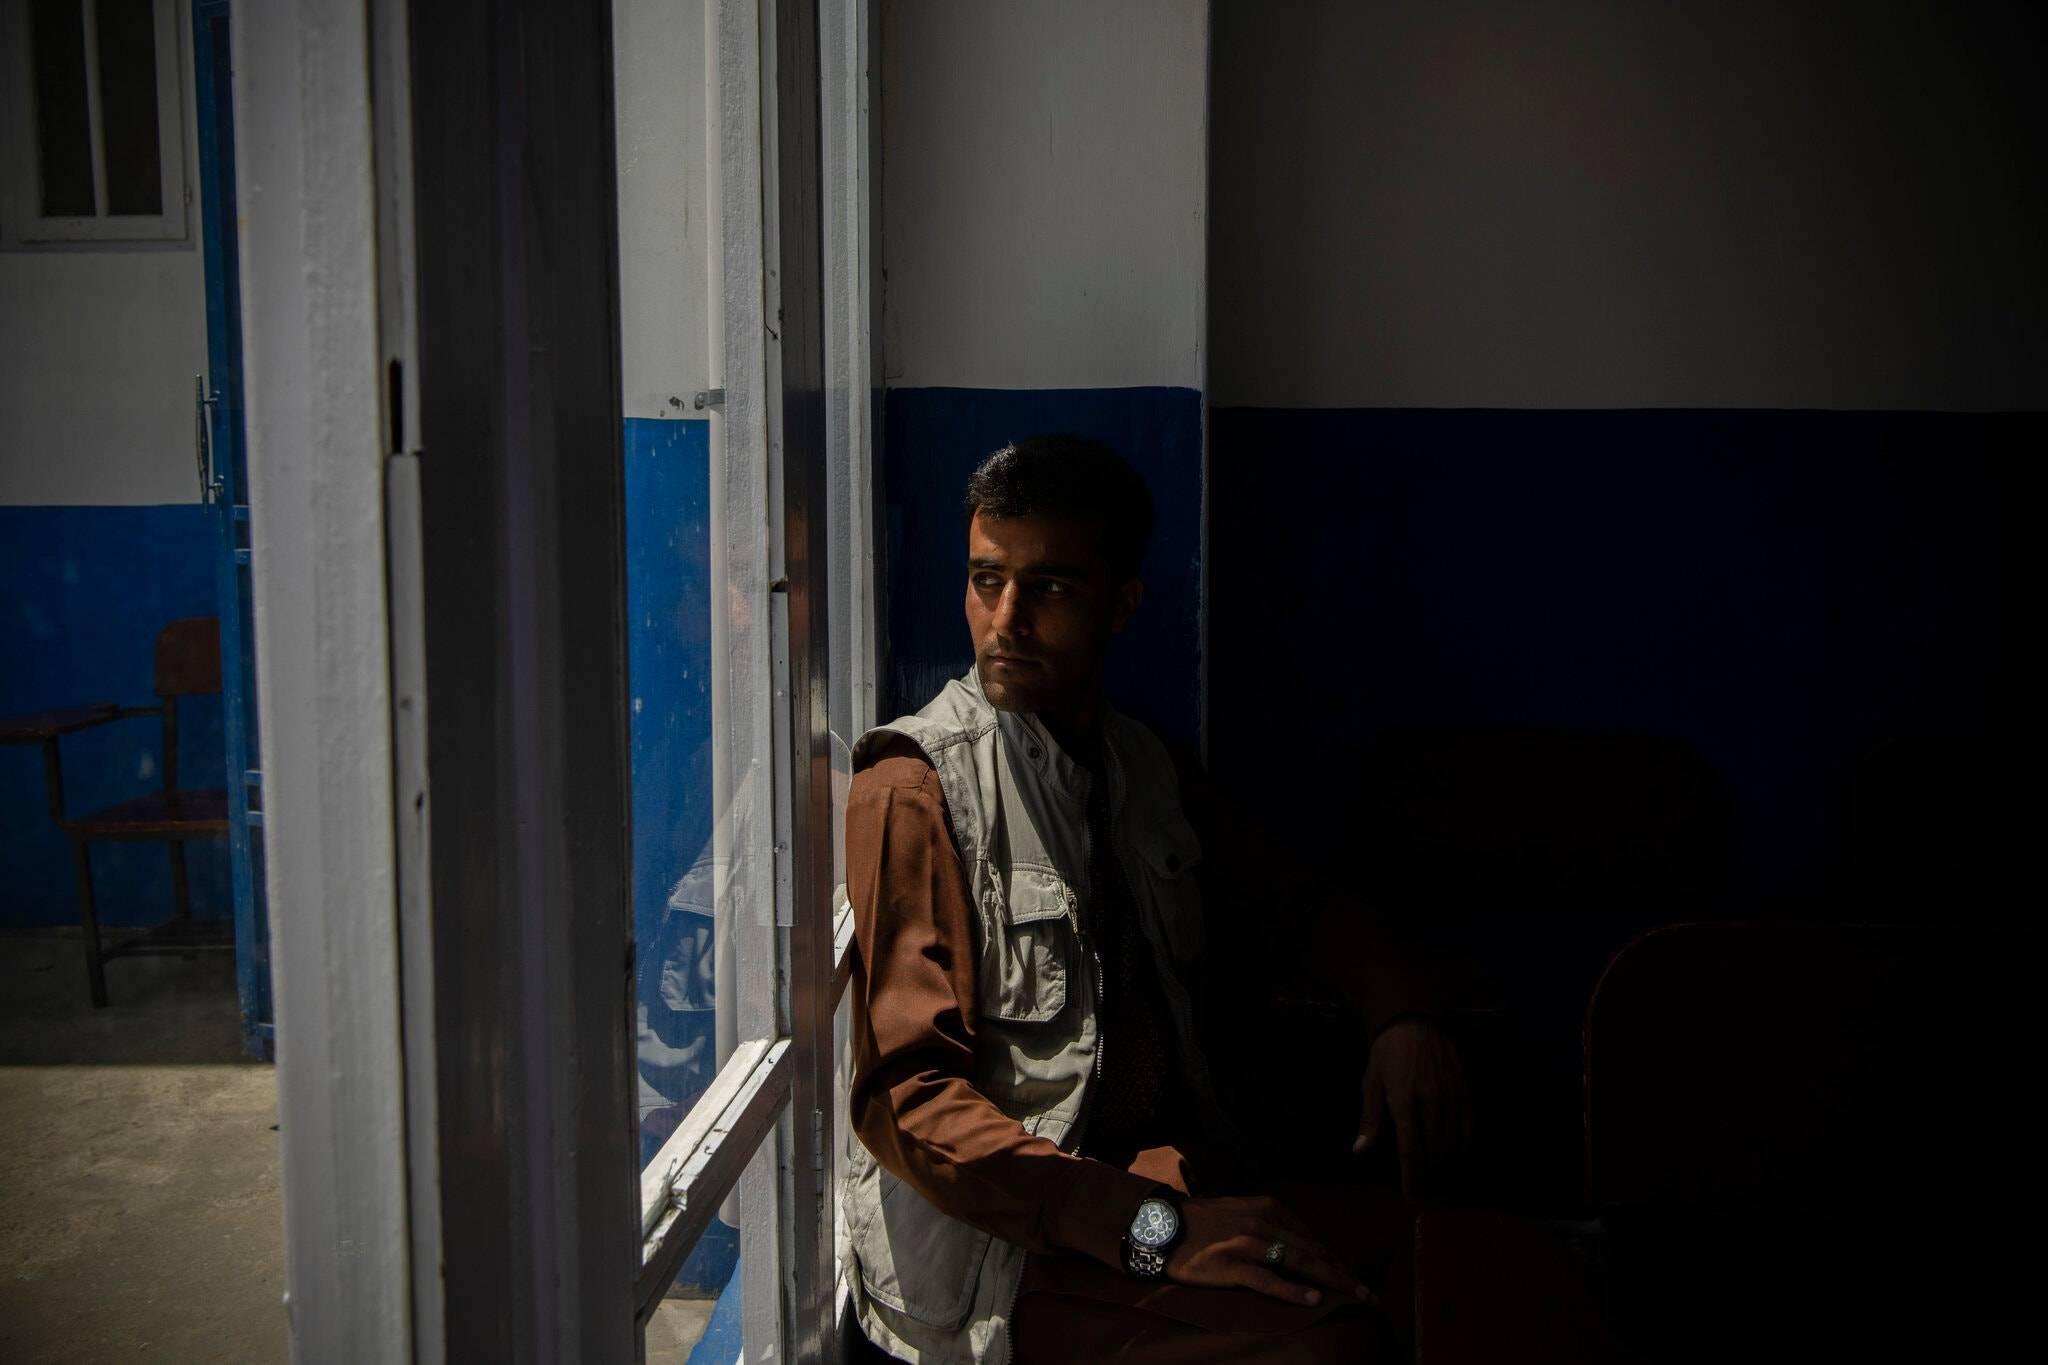 曾给美军做翻译的阿富汗人慌了:所有人都知道我曾为他们卖命